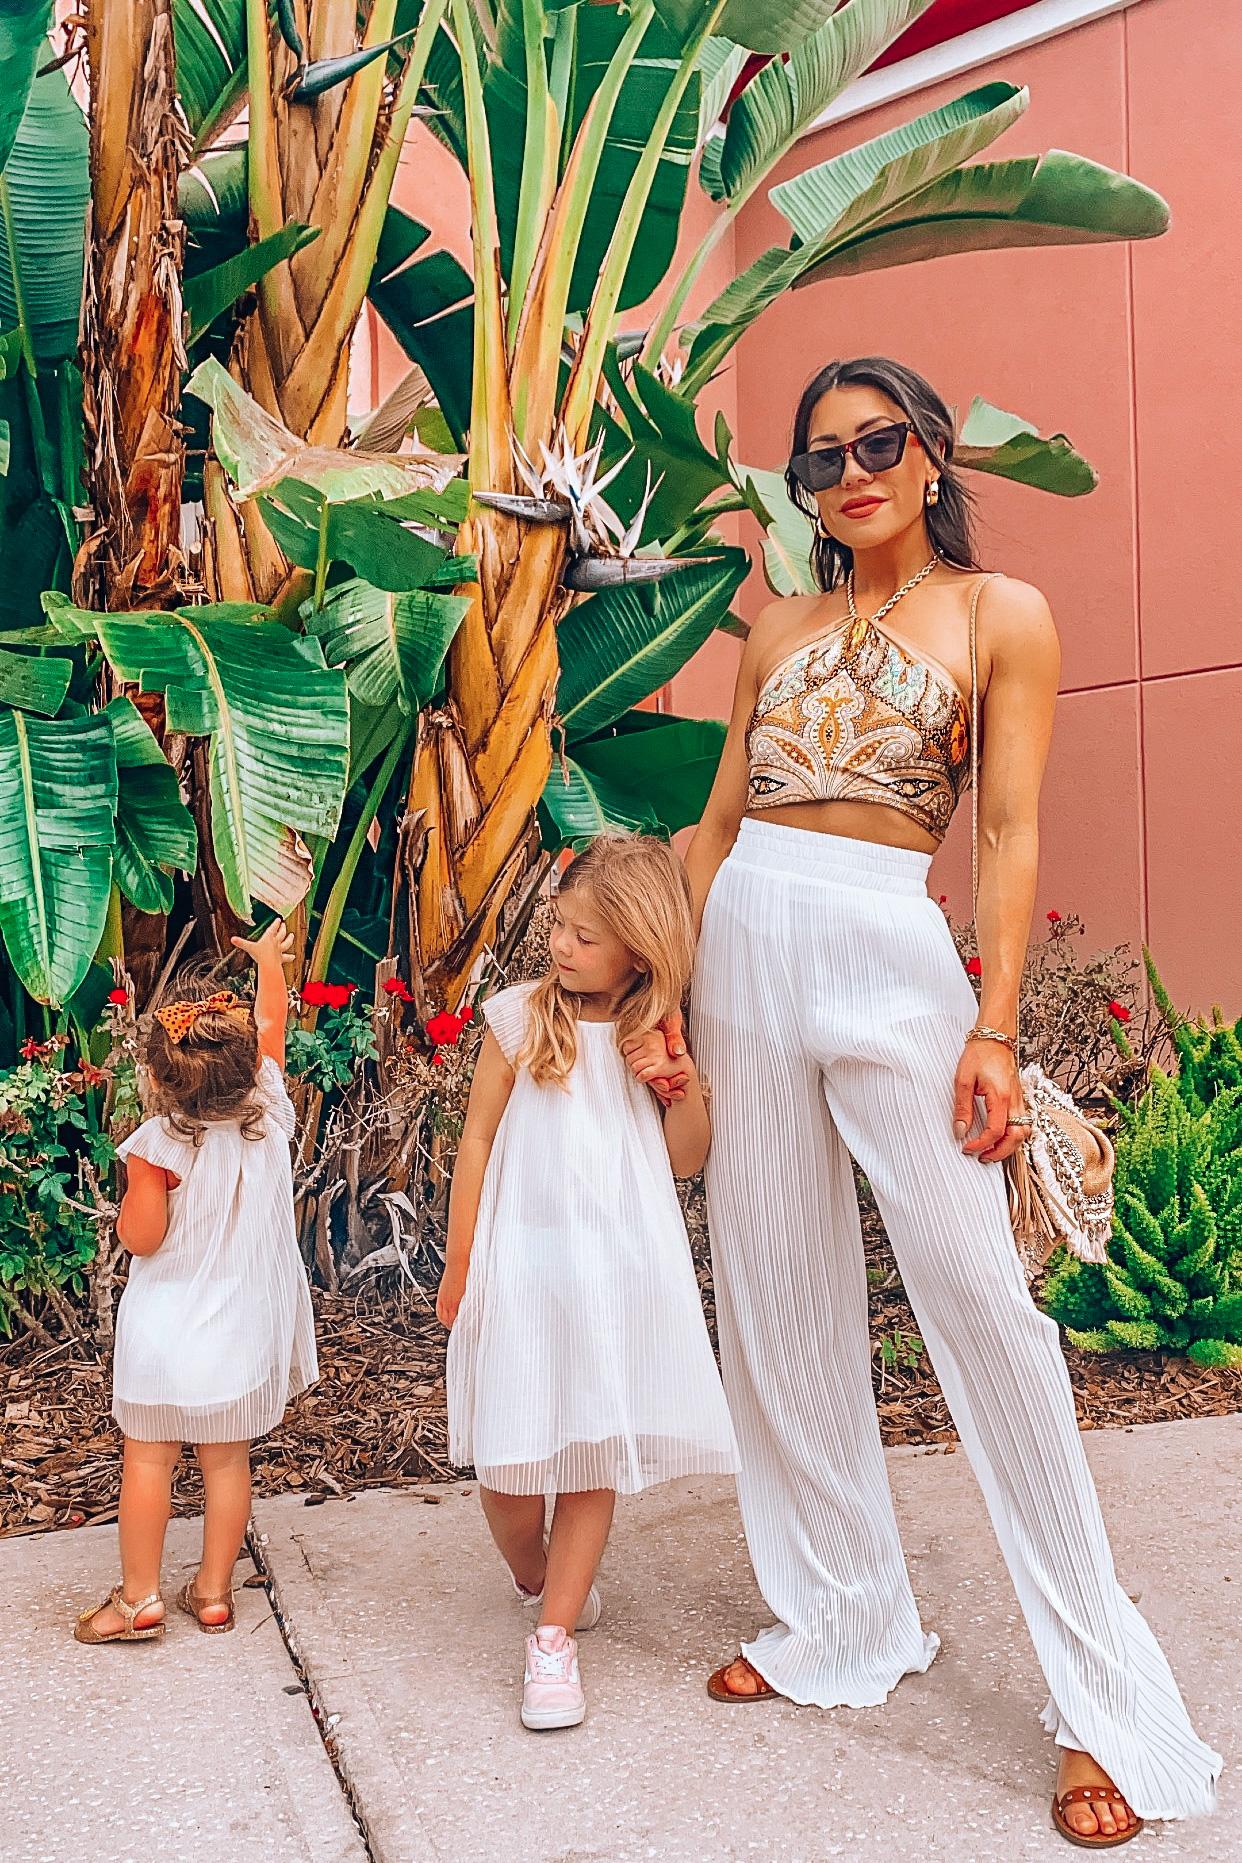 family trip to Orlando